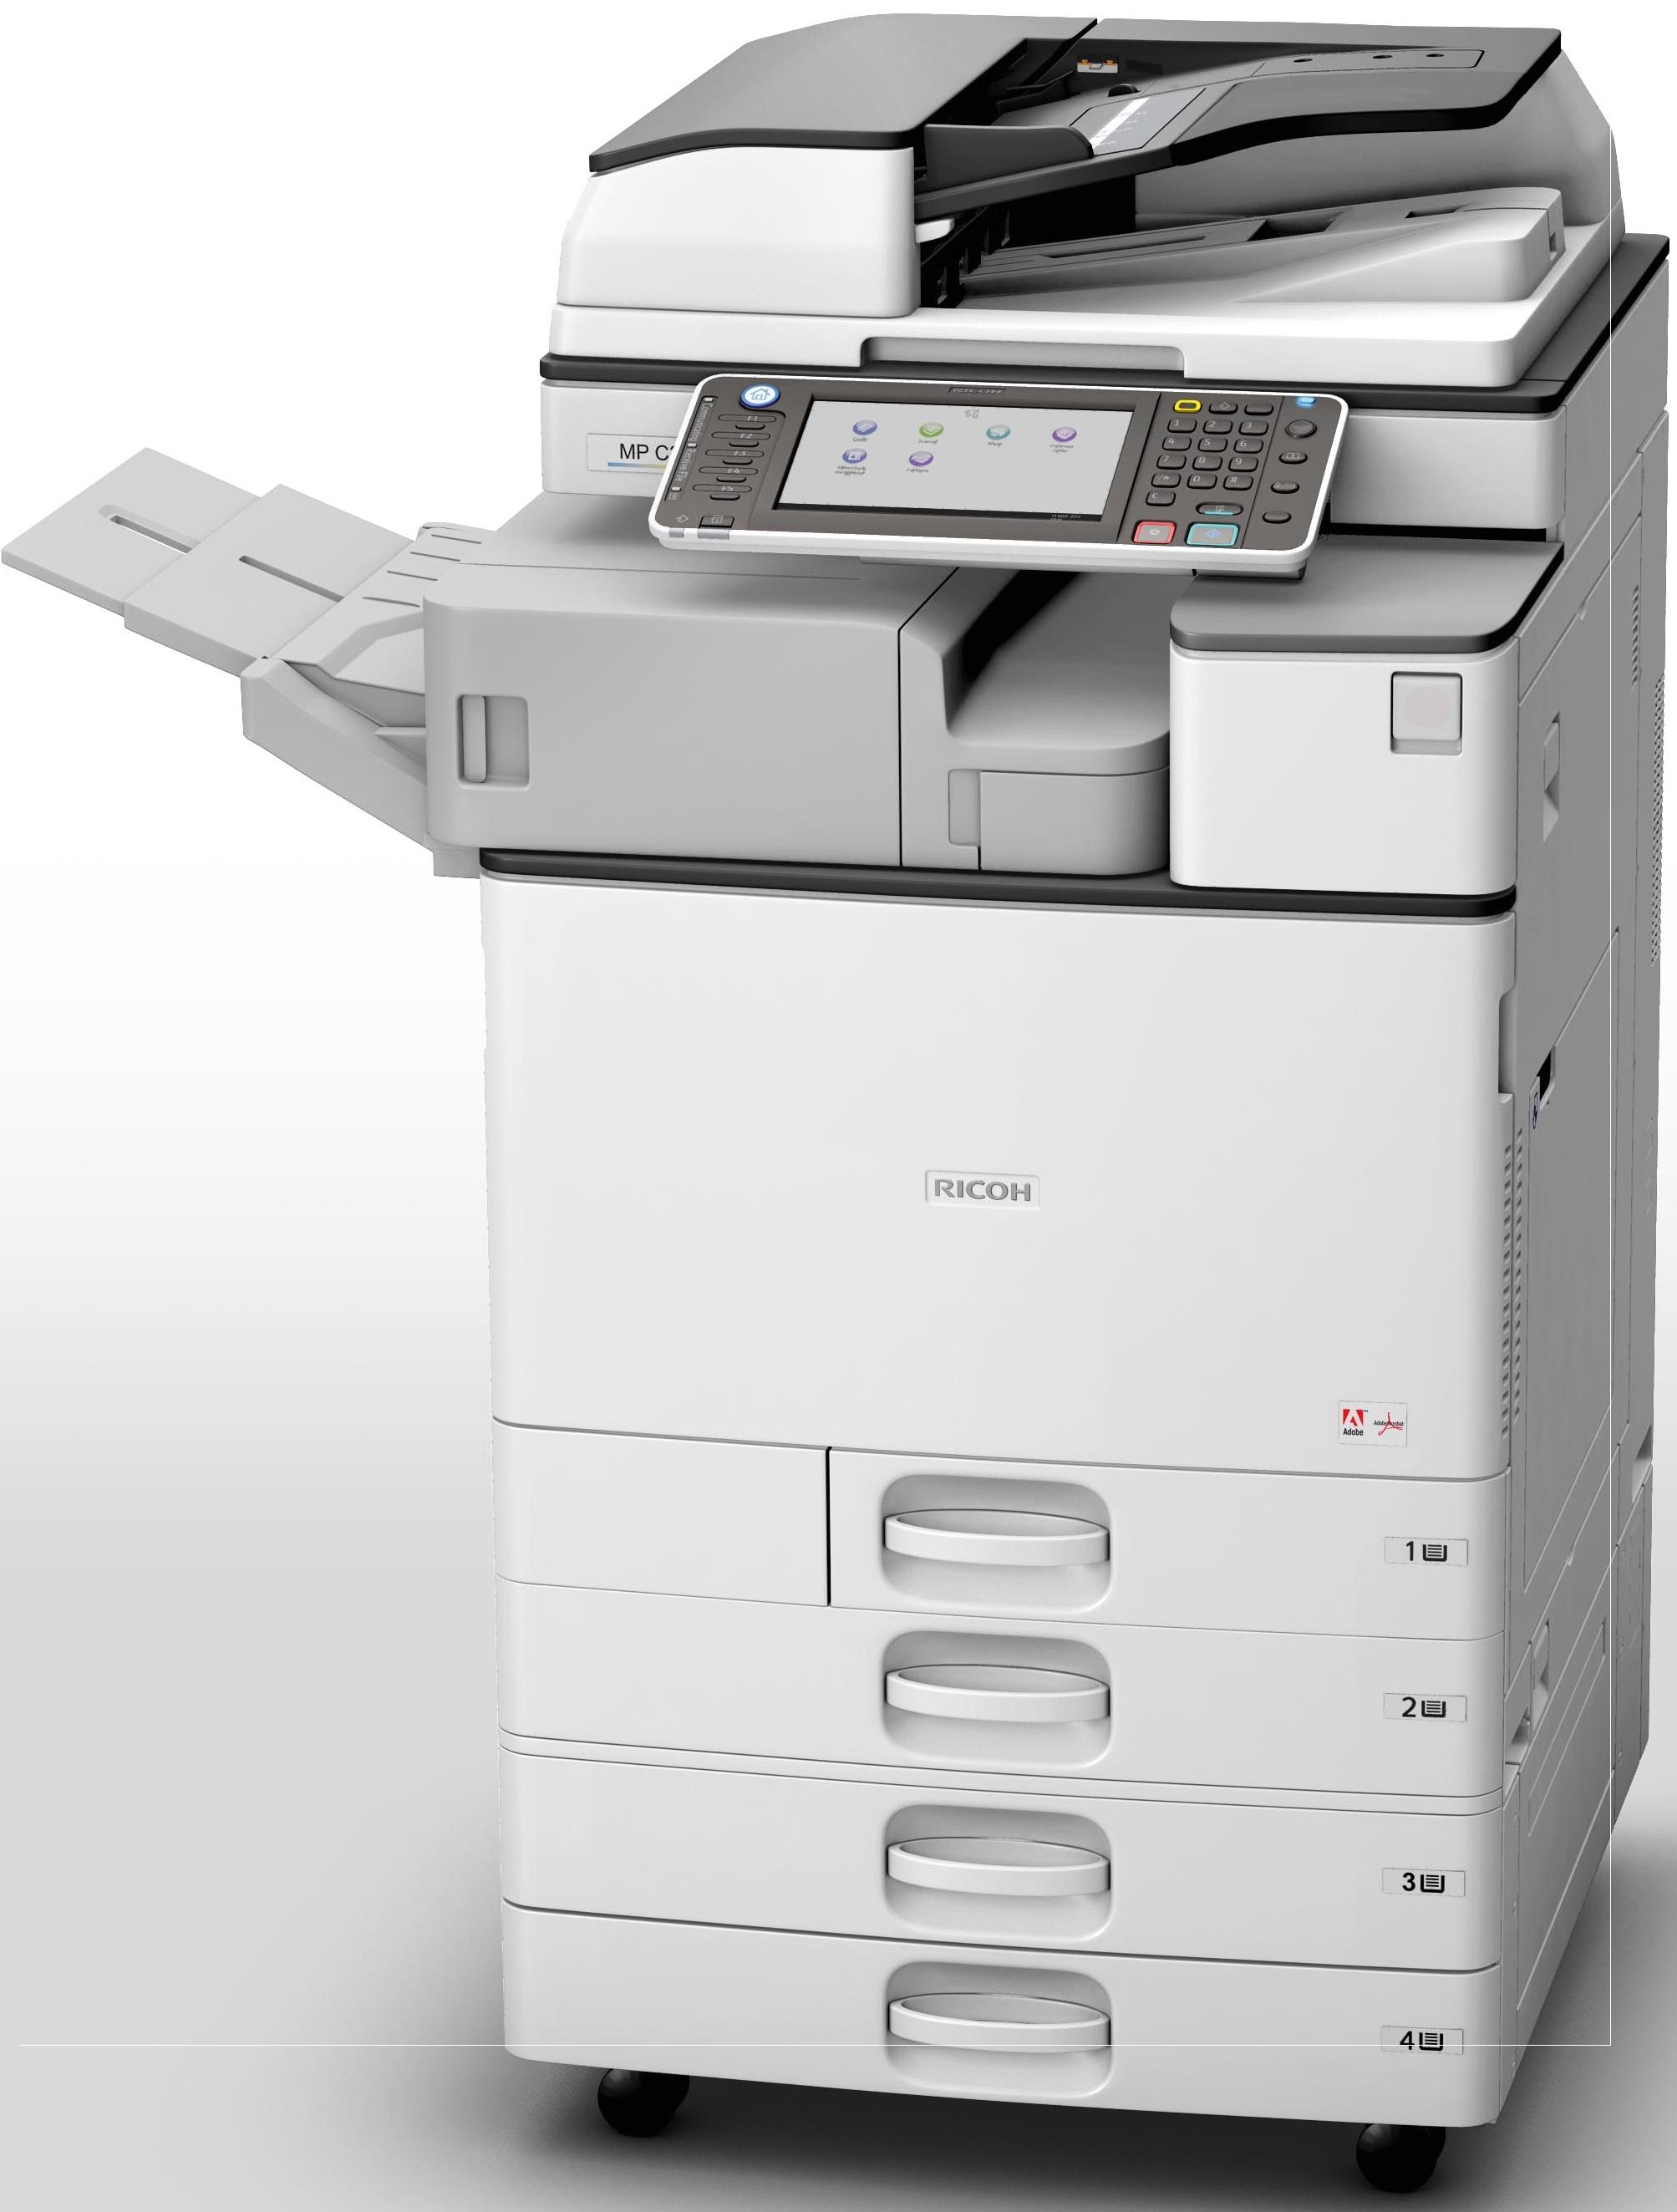 Ricoh Aficio MP C2003 Multifunction Color Copier